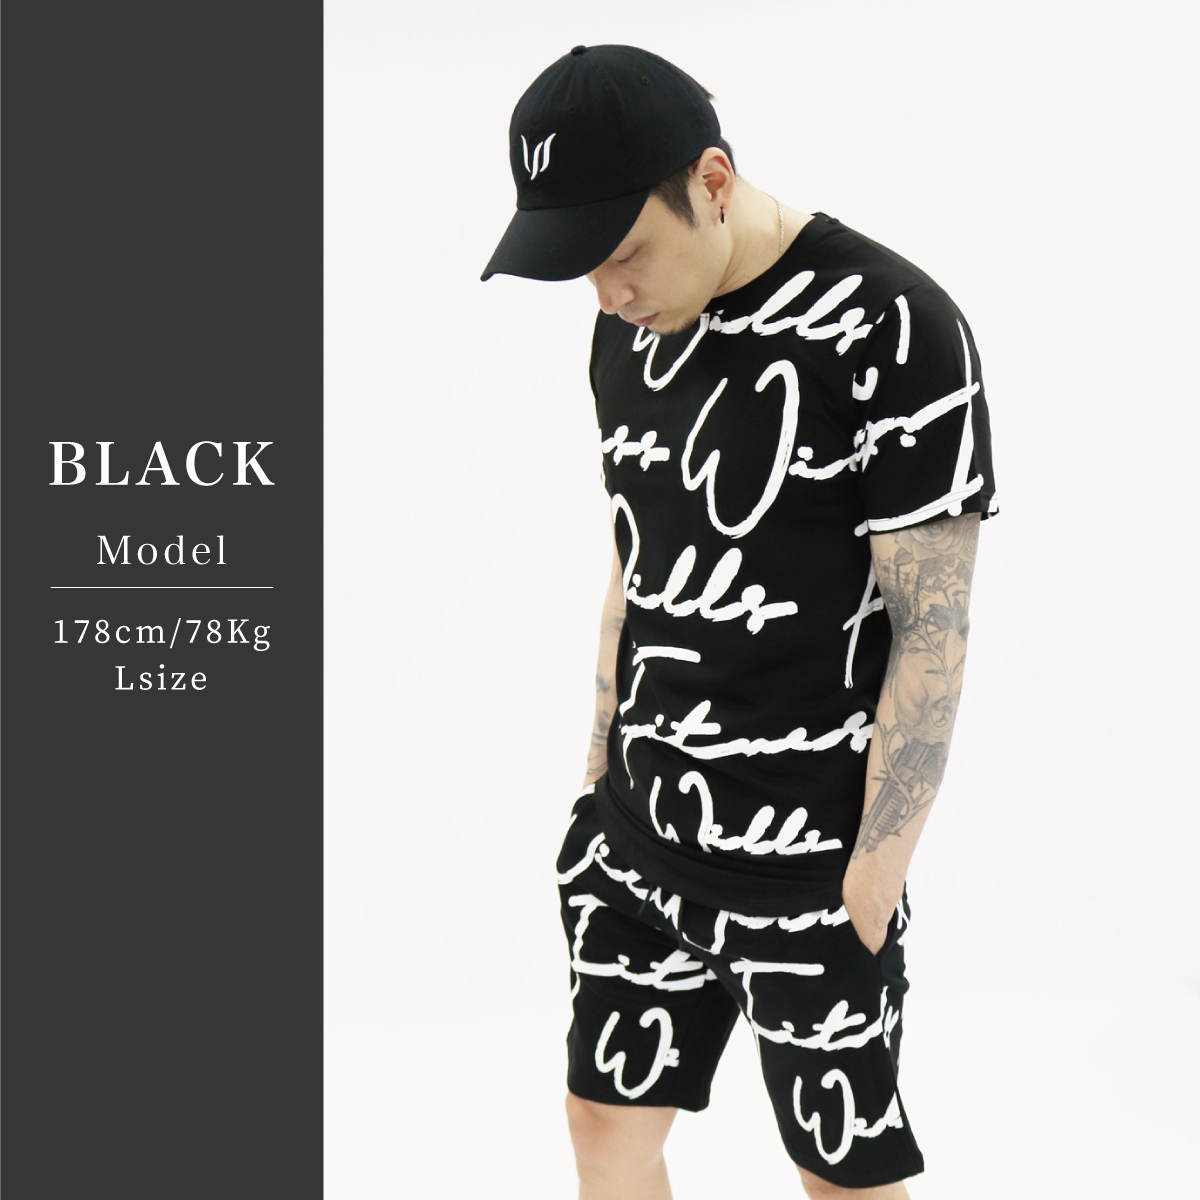 SCRIPT TEE - BLACK